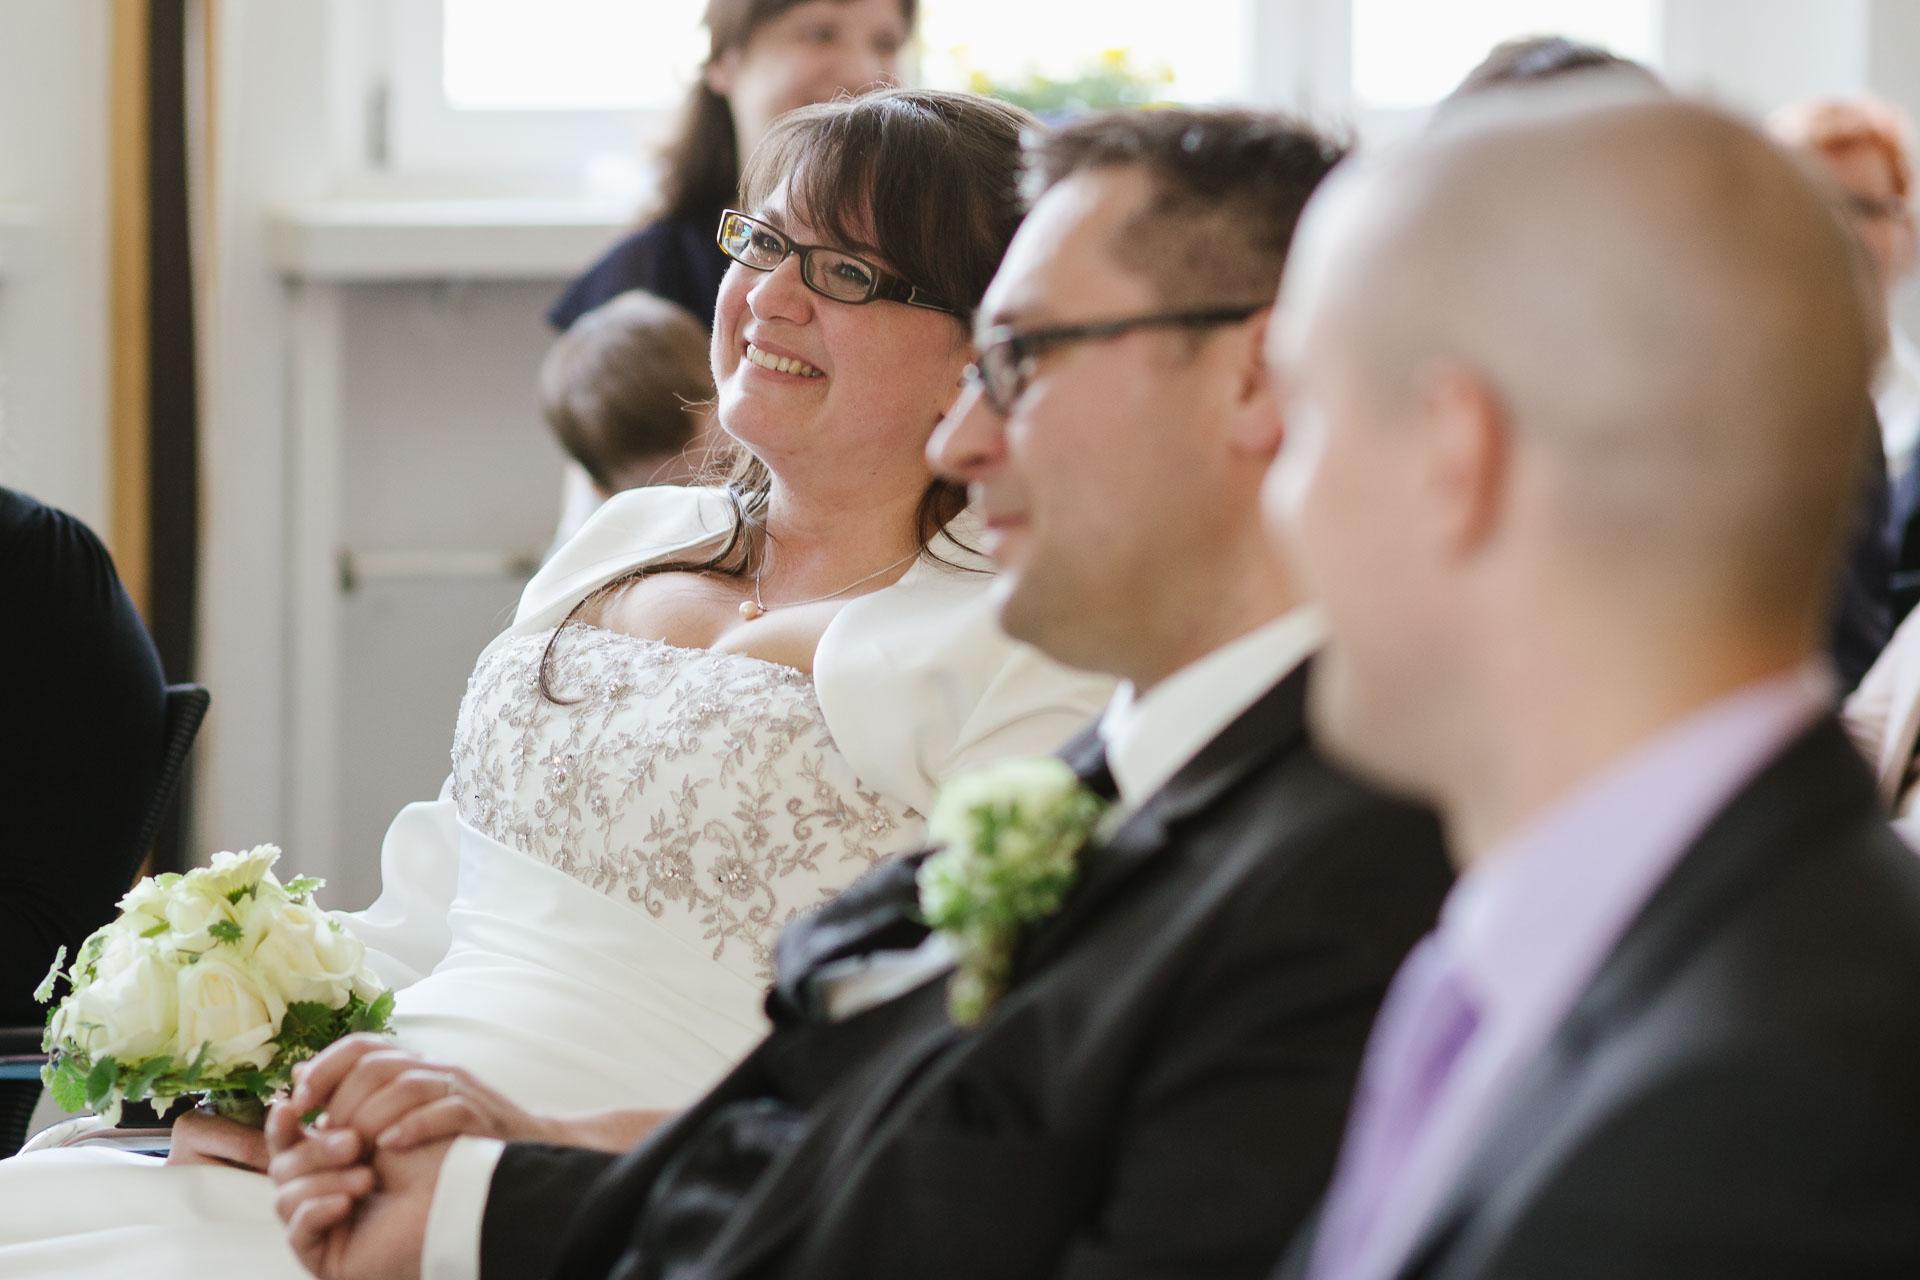 Brautpaar mit Trauzeuge